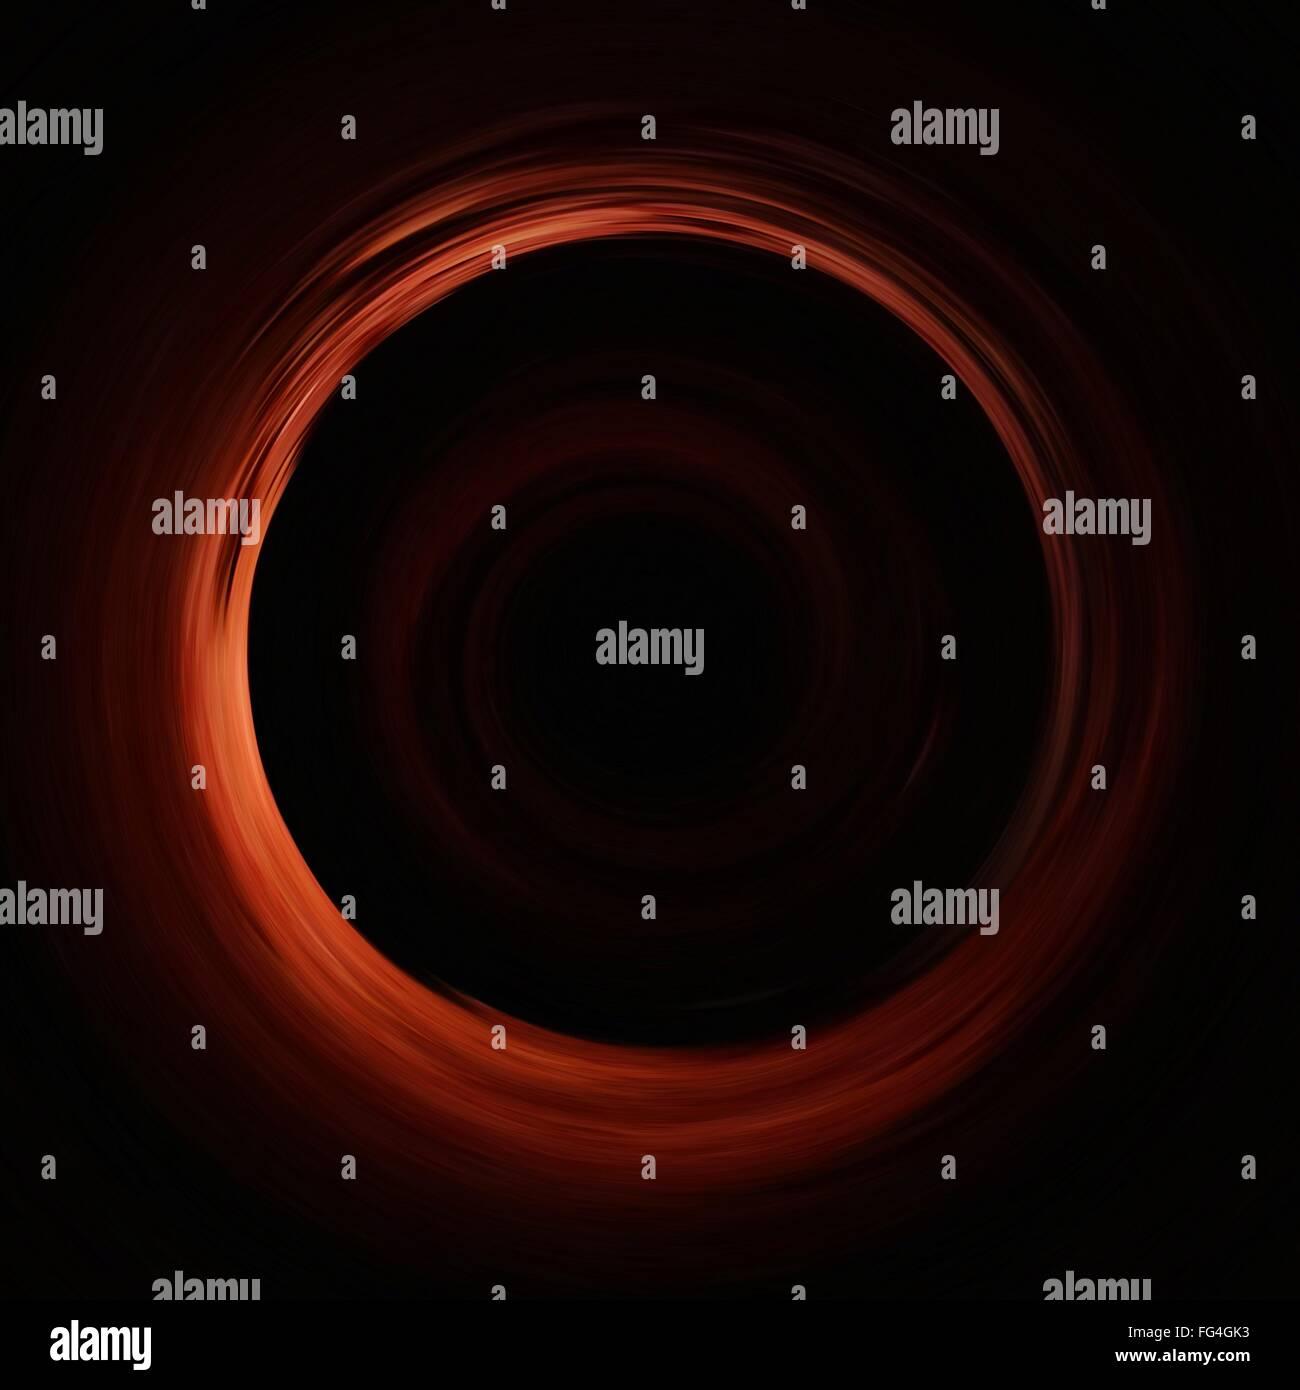 Close-Up Of Abstract Circle - Stock Image